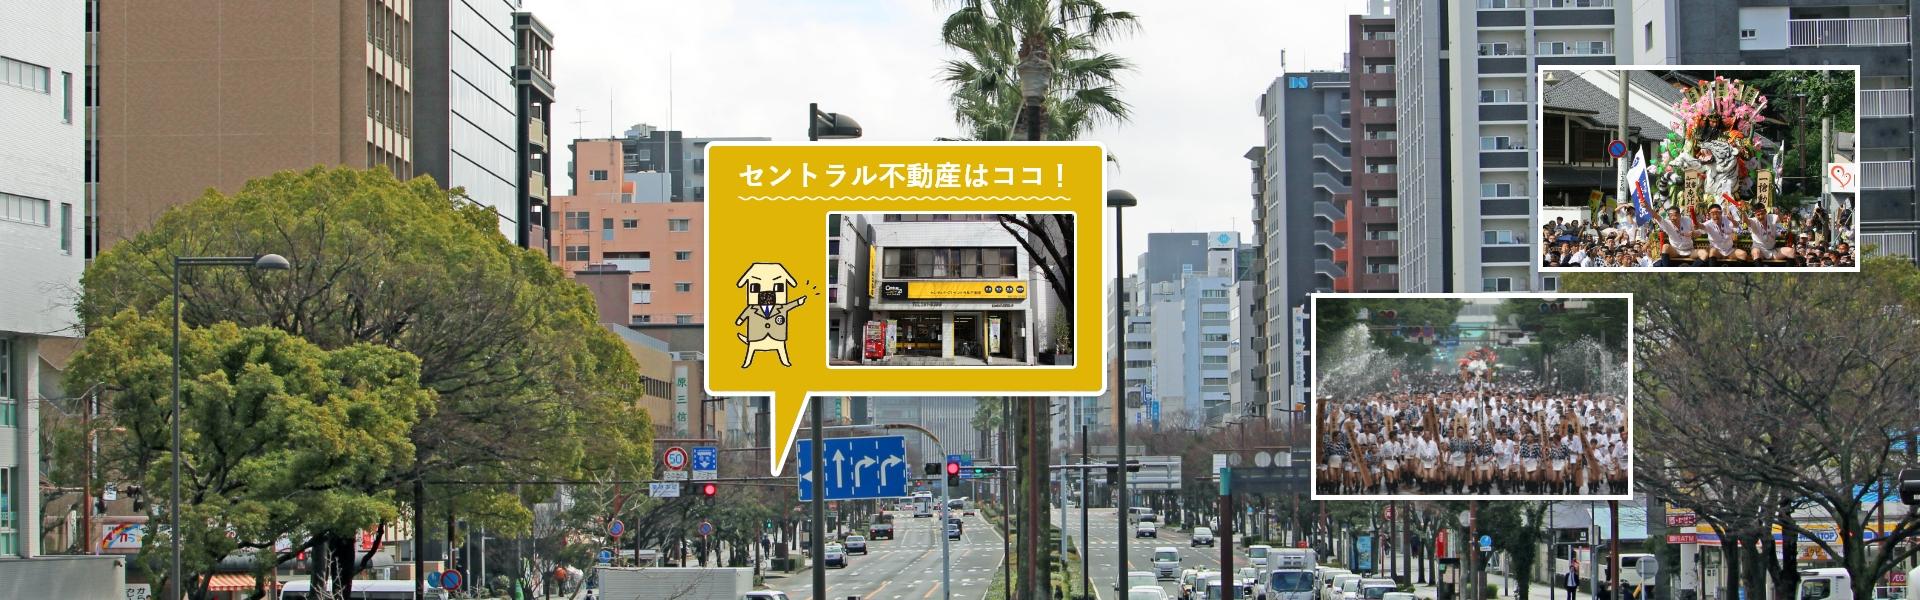 きっと見つかる納得の住まい 福岡都市圏・北九州等の賃貸・売買・管理ならお任せ下さい!